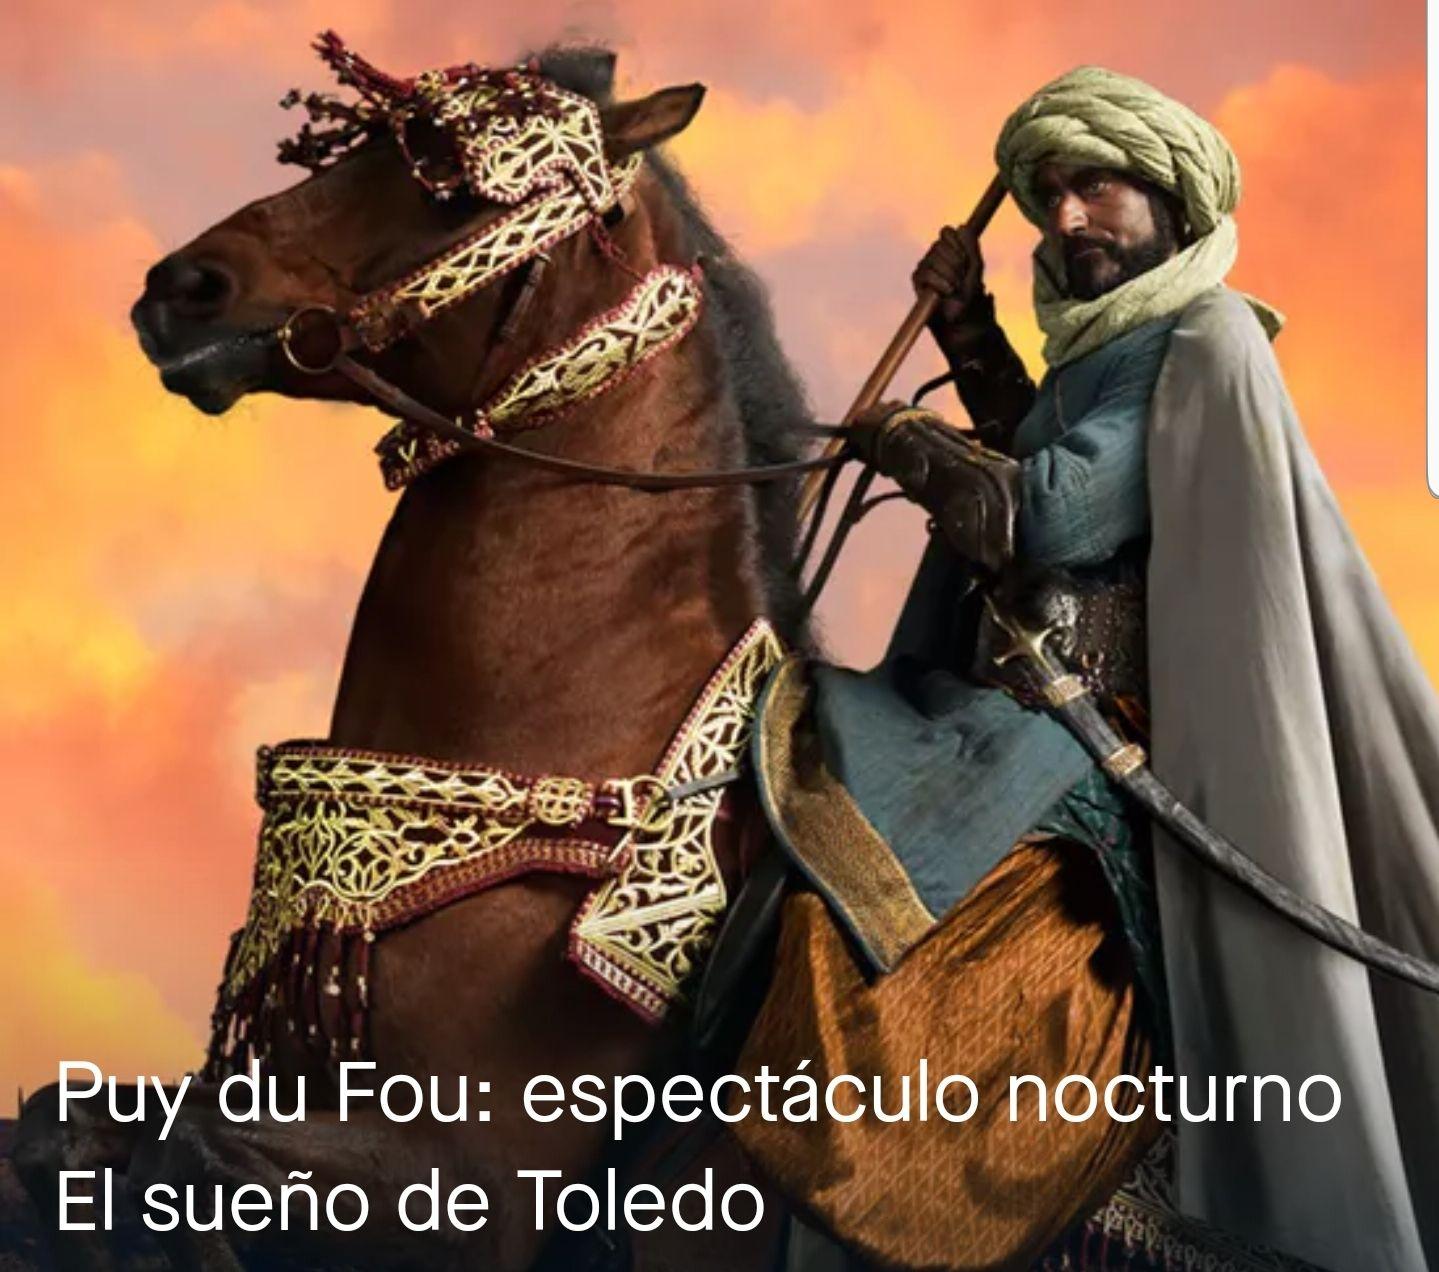 Puy du Fou: espectáculo nocturno El sueño de Toledo (Fever)